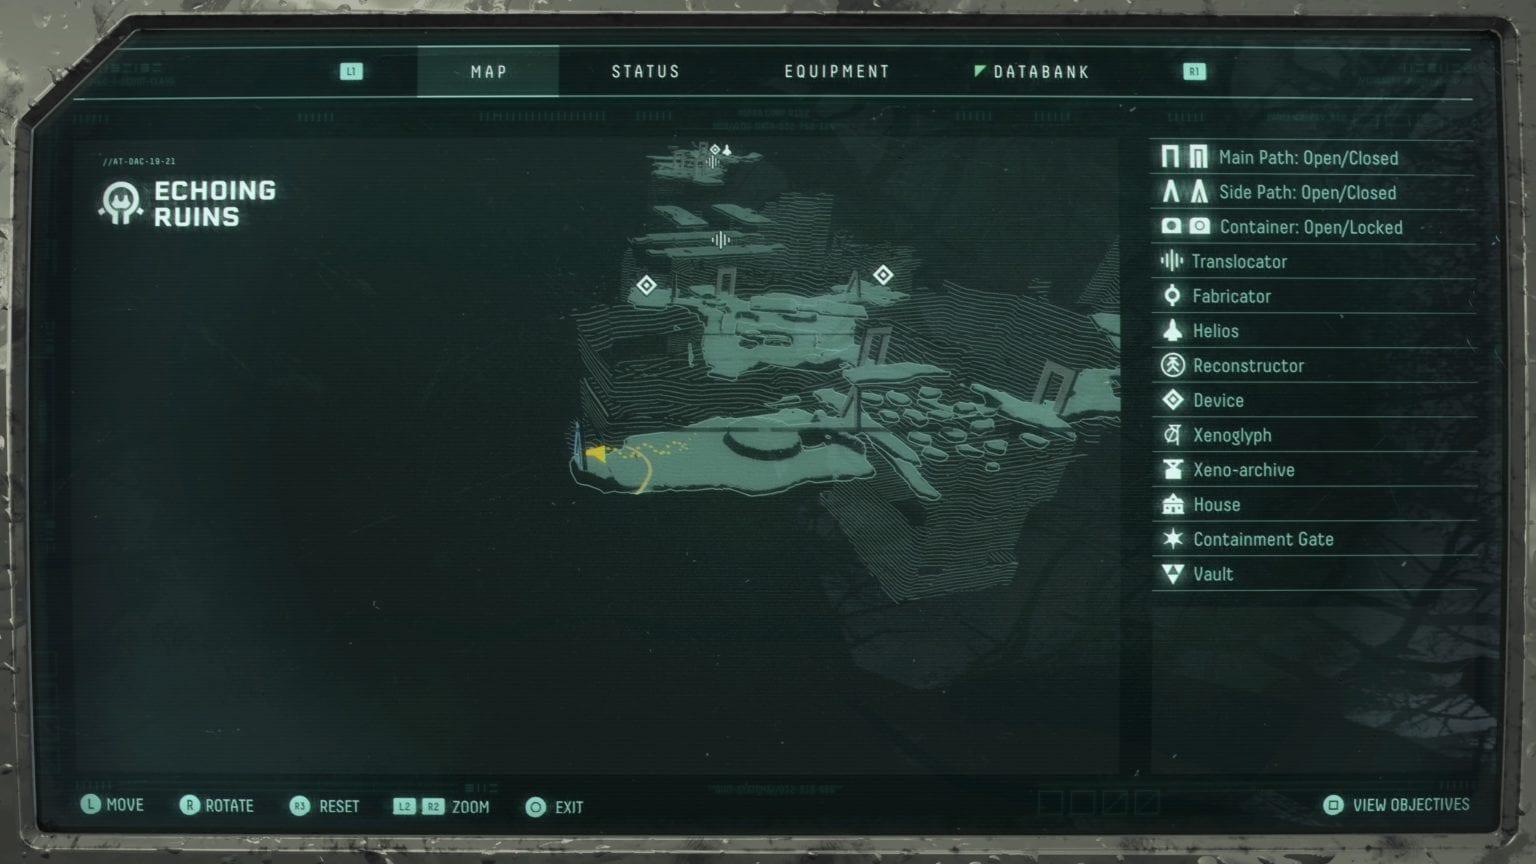 Location 4: Echo ruins